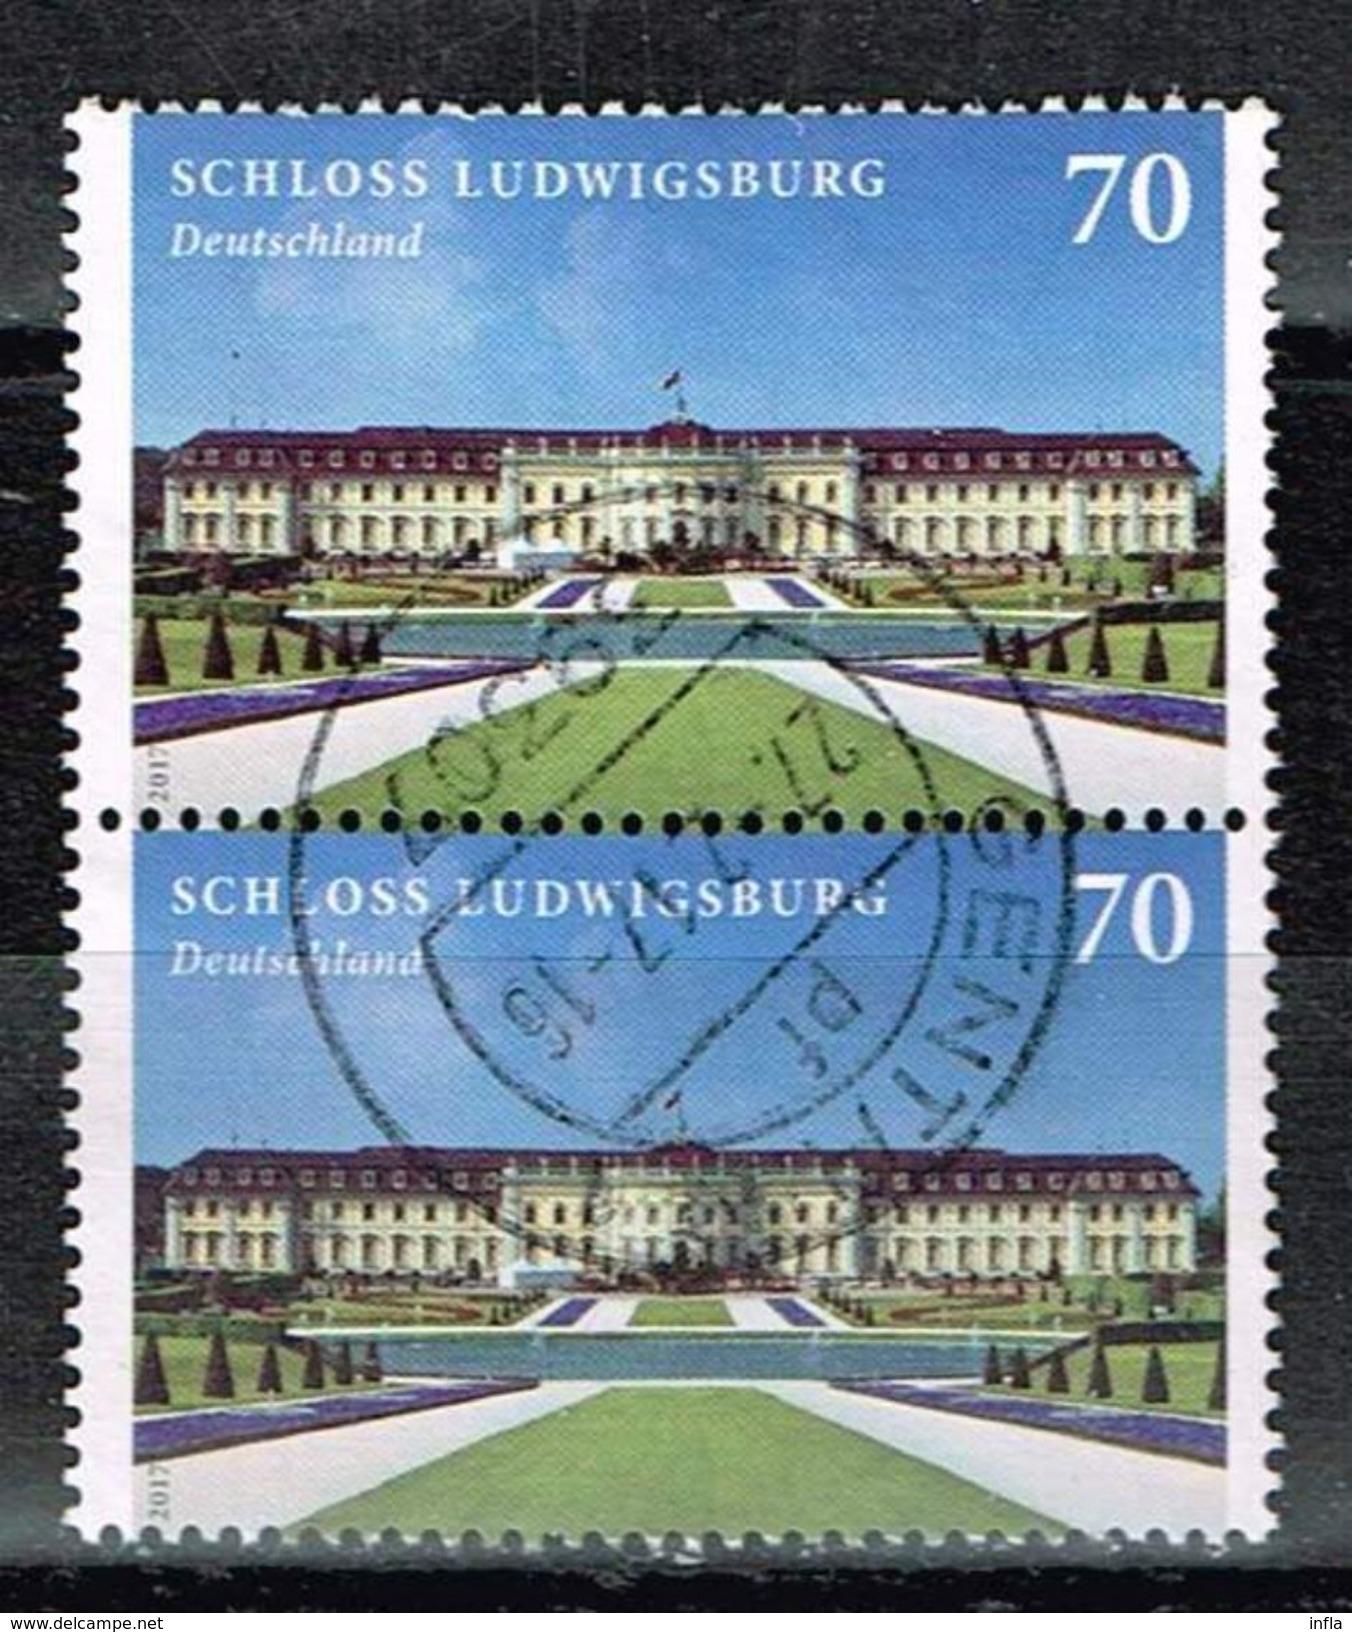 Bund 2017, Michel# 3285 O : Schloß Ludwigsburg - BRD